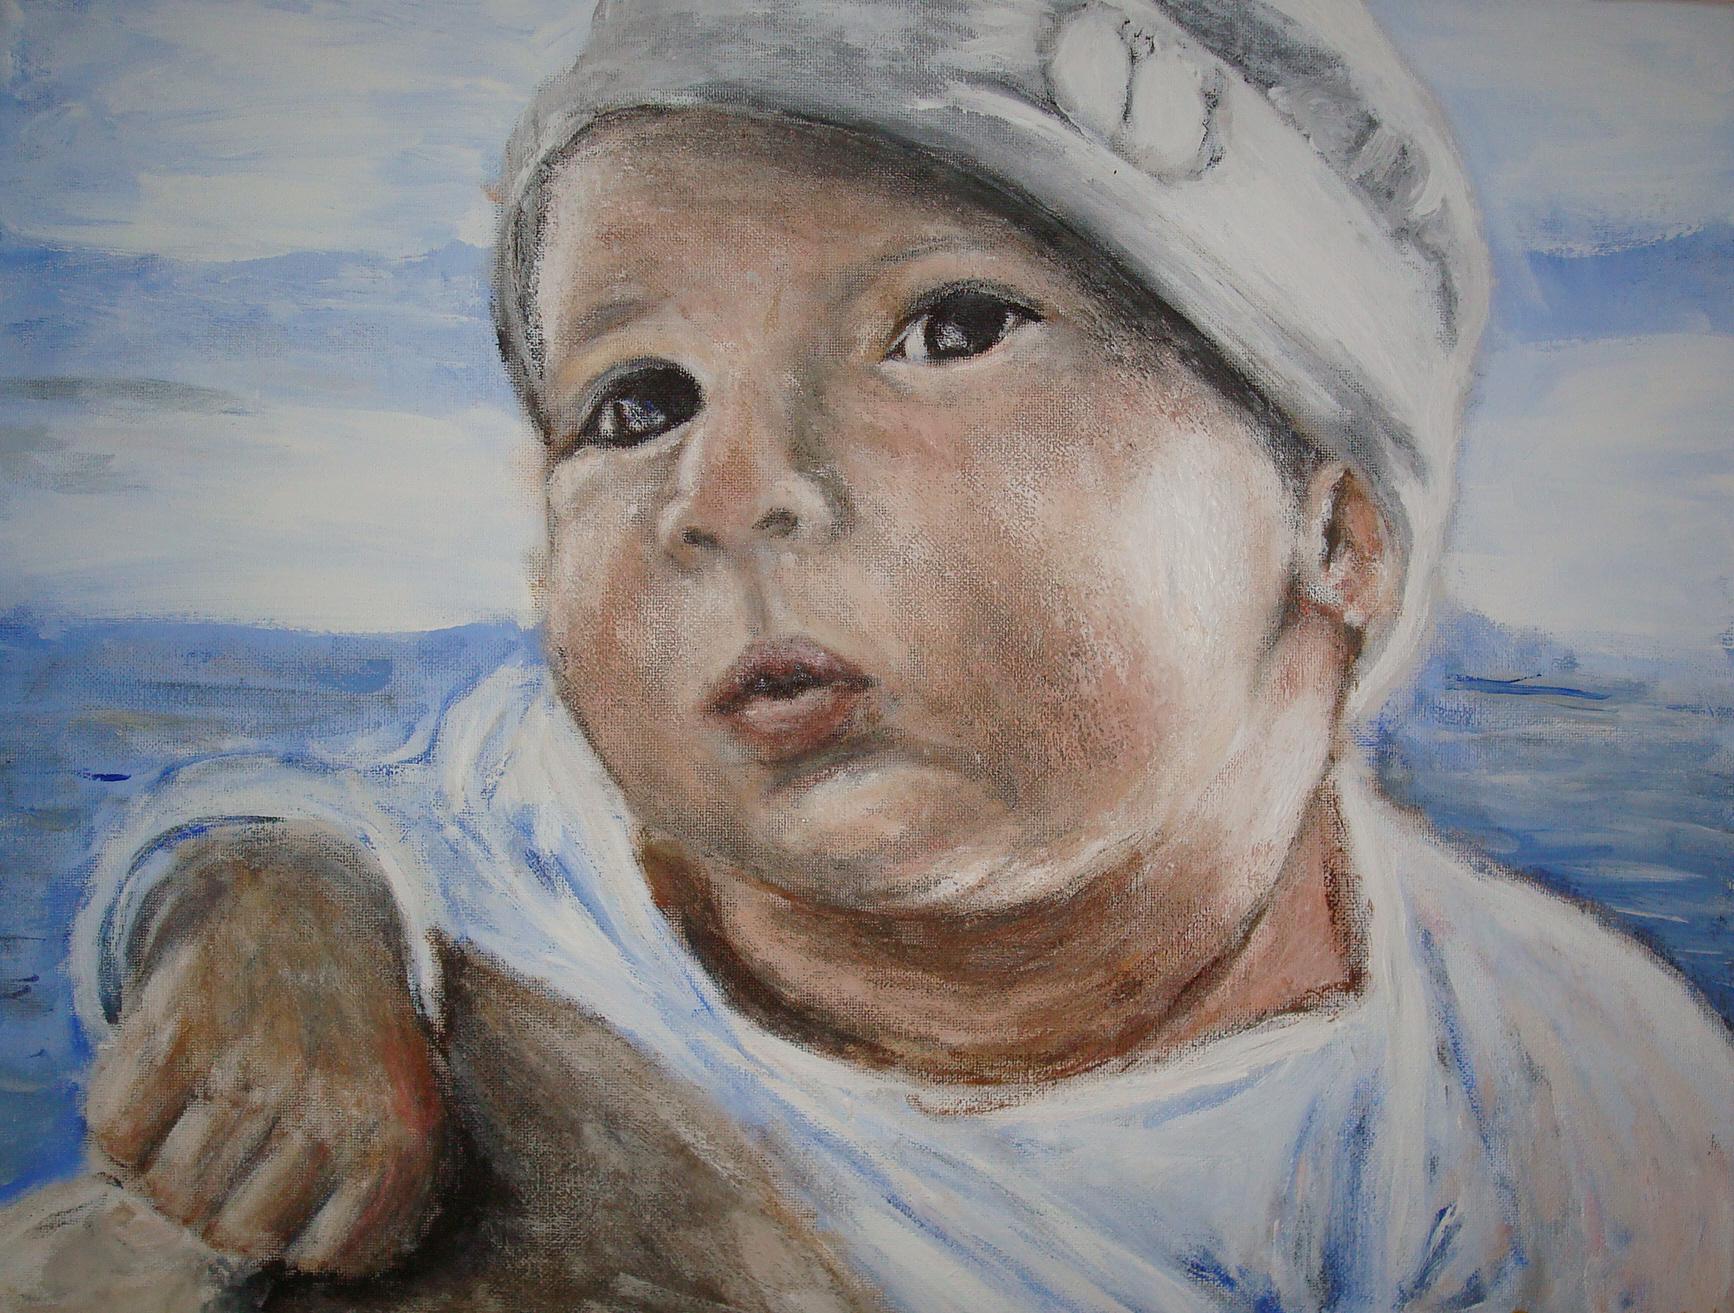 A Baby Acrylic on canvas